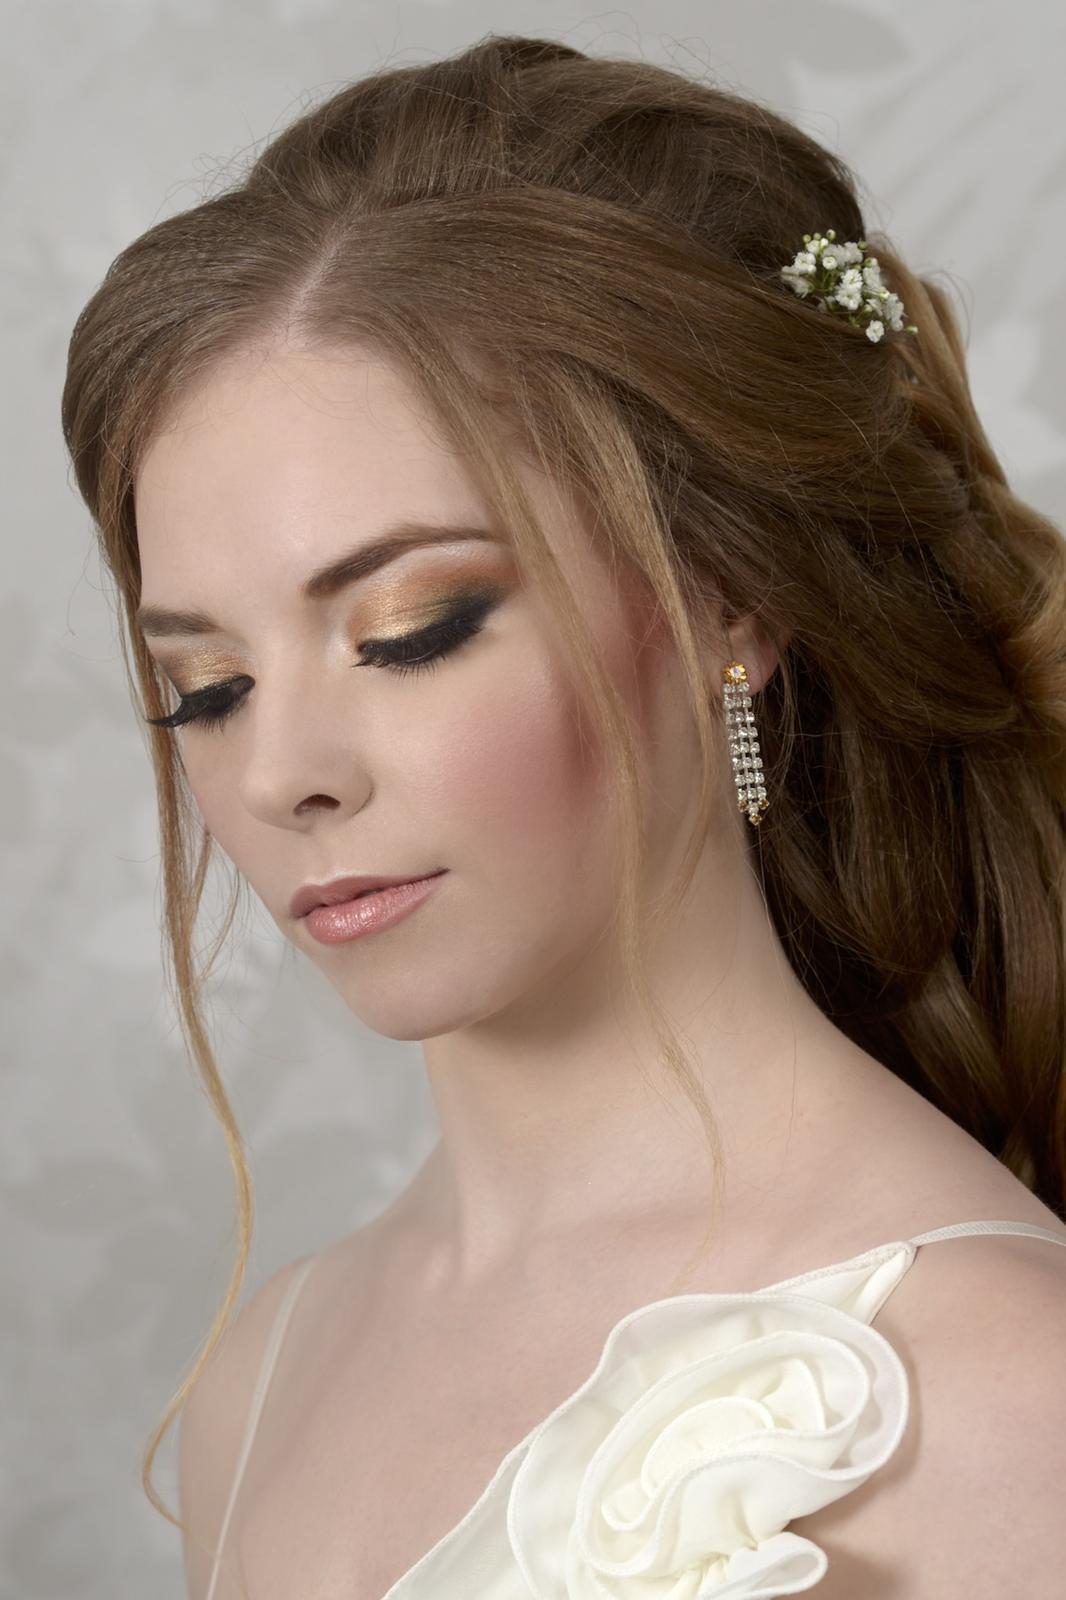 Svatební účes s výrazným líčením - Obrázek č. 3